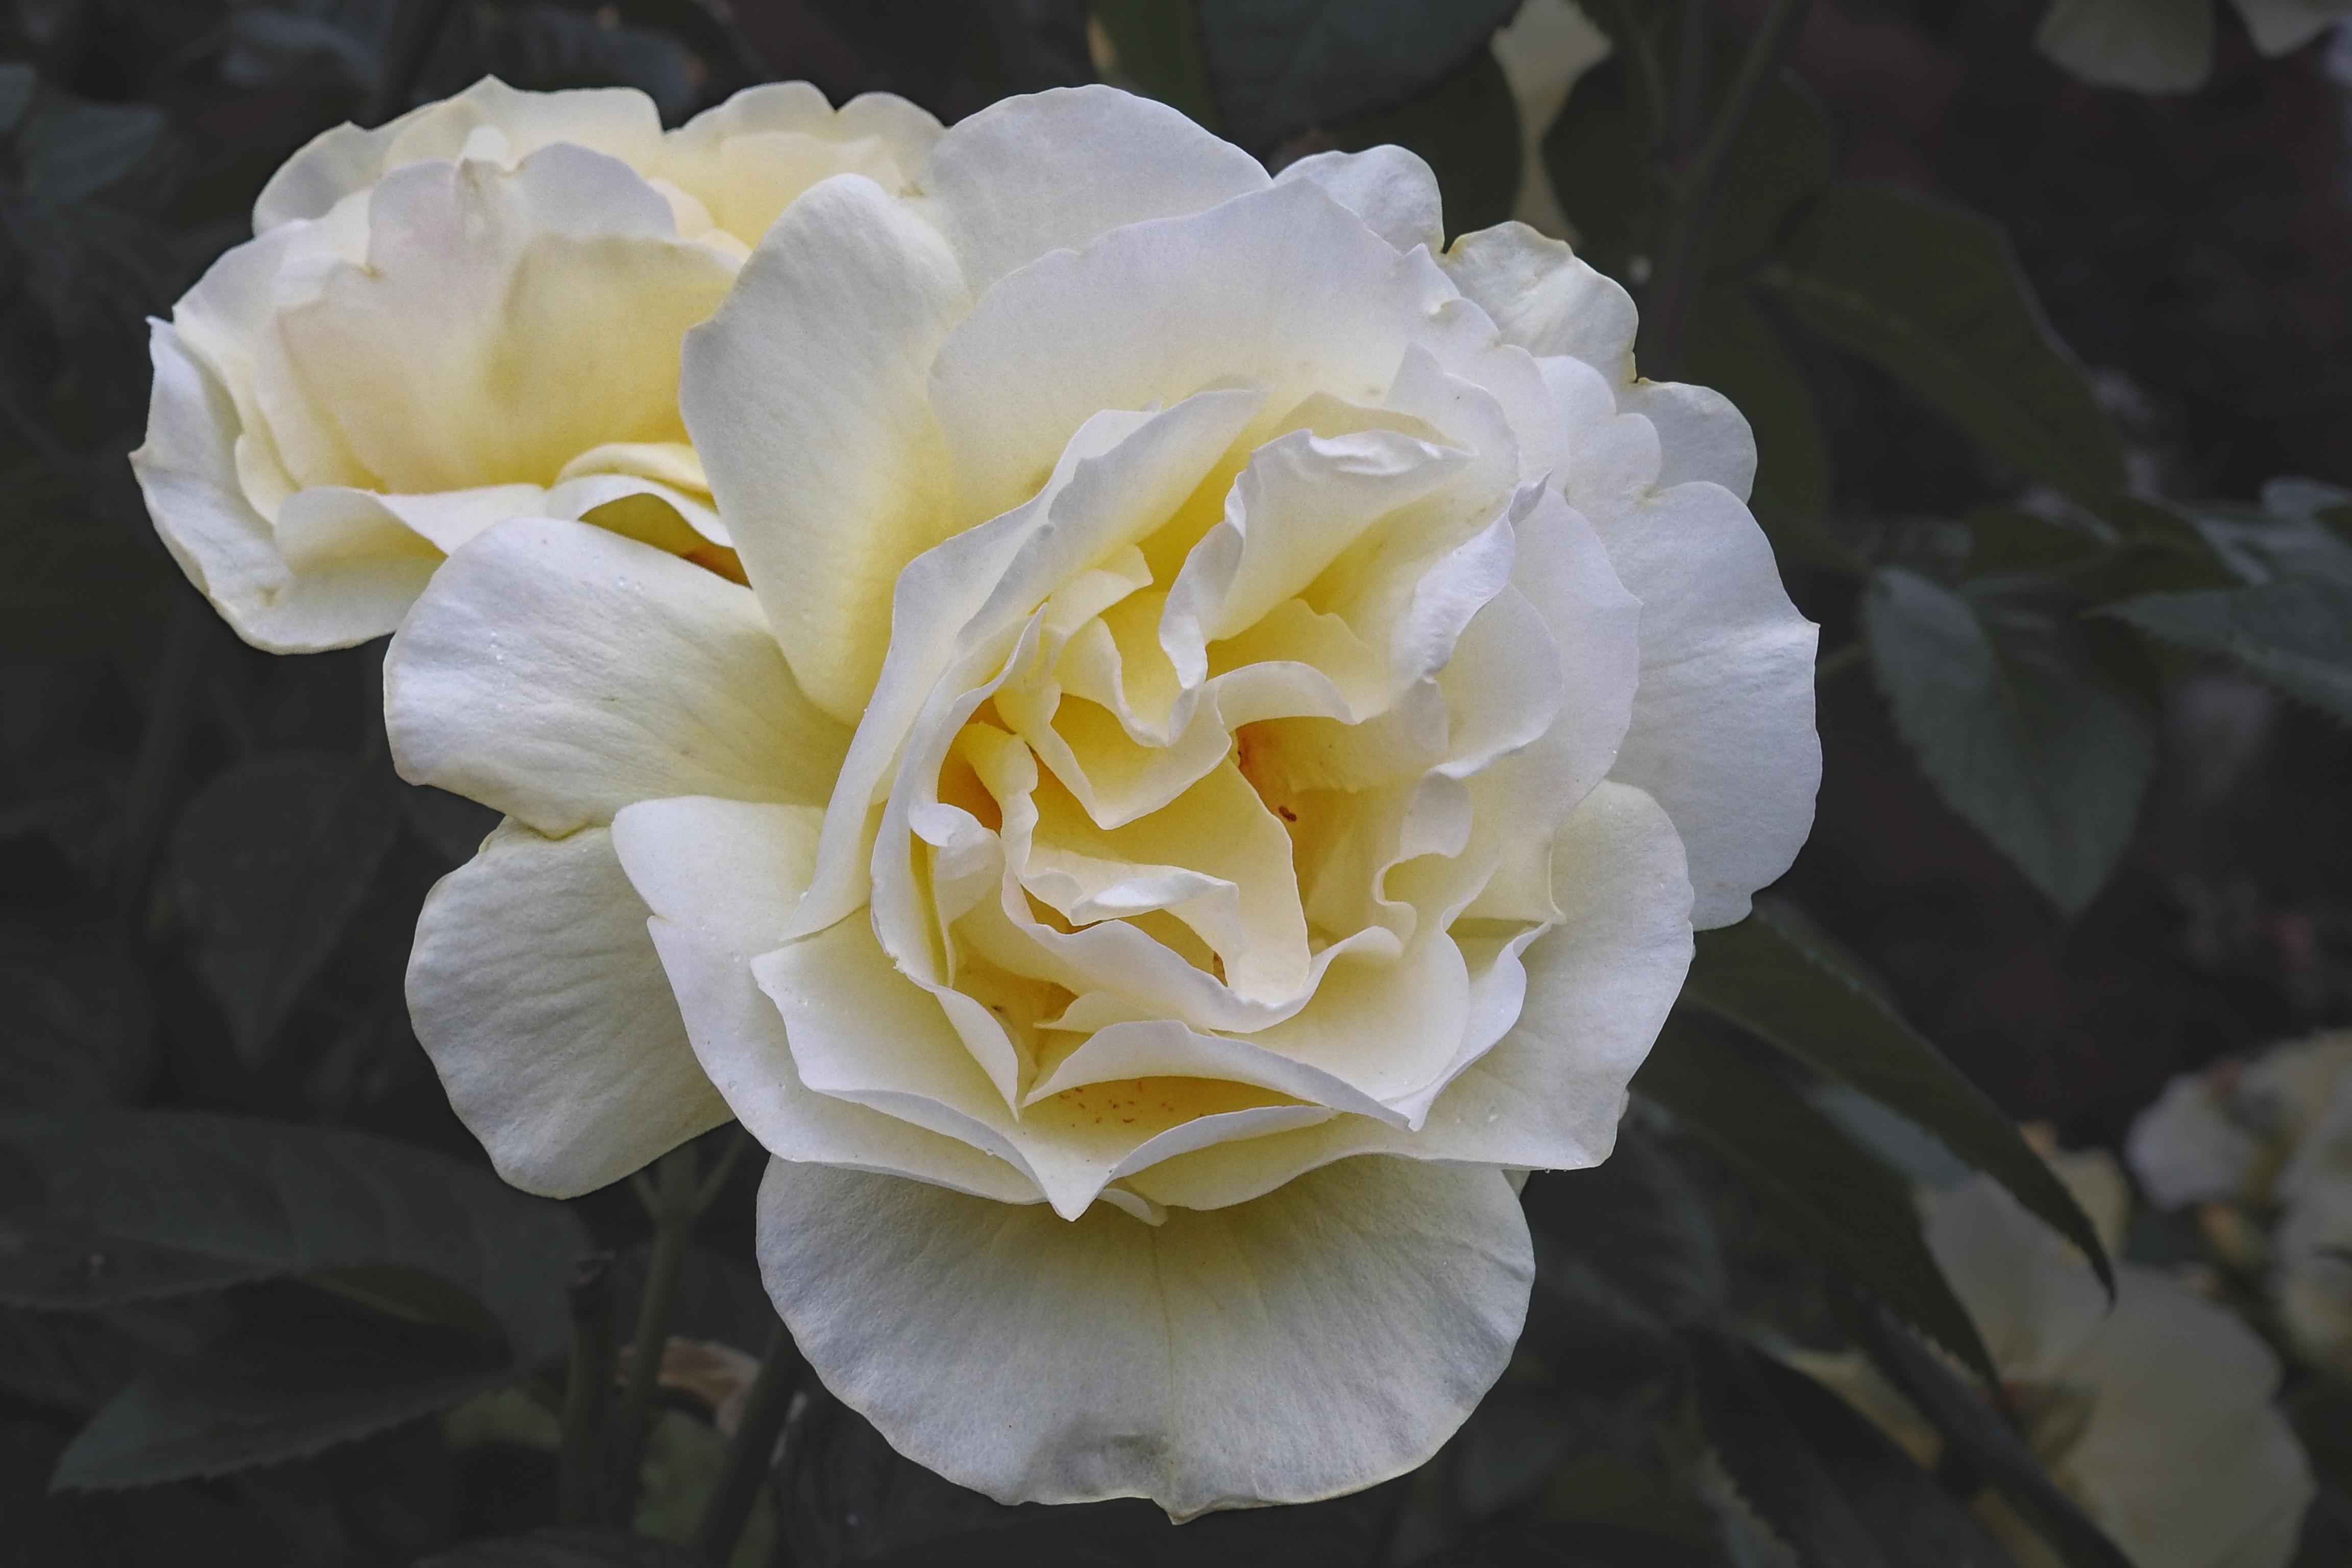 Images Gratuites Fleur Blanc Petale Floraison Jaune Flore